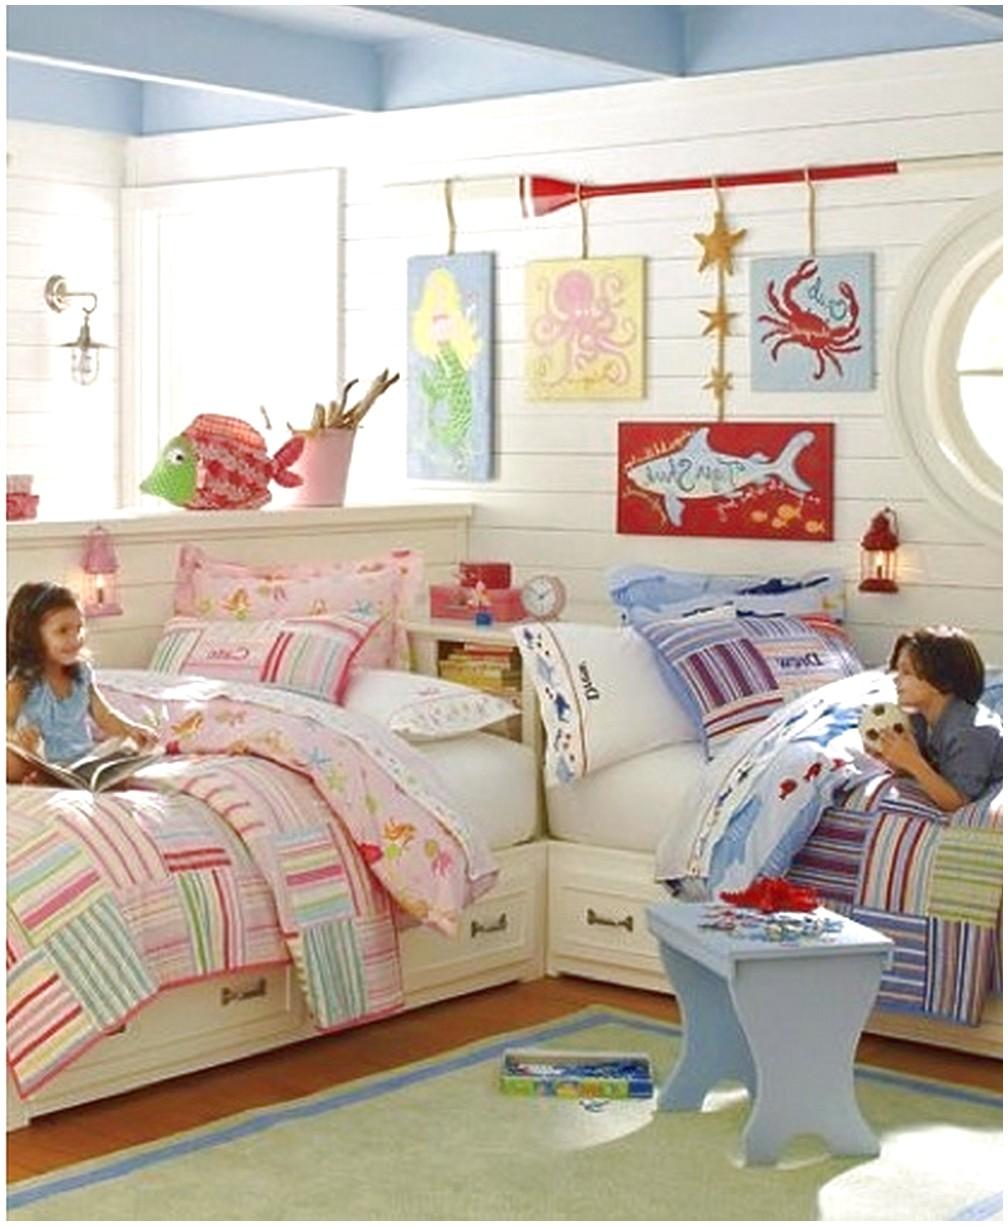 Reshenie detskoj dlya dvojnyashek for Decorating ideas for boy and girl sharing bedroom